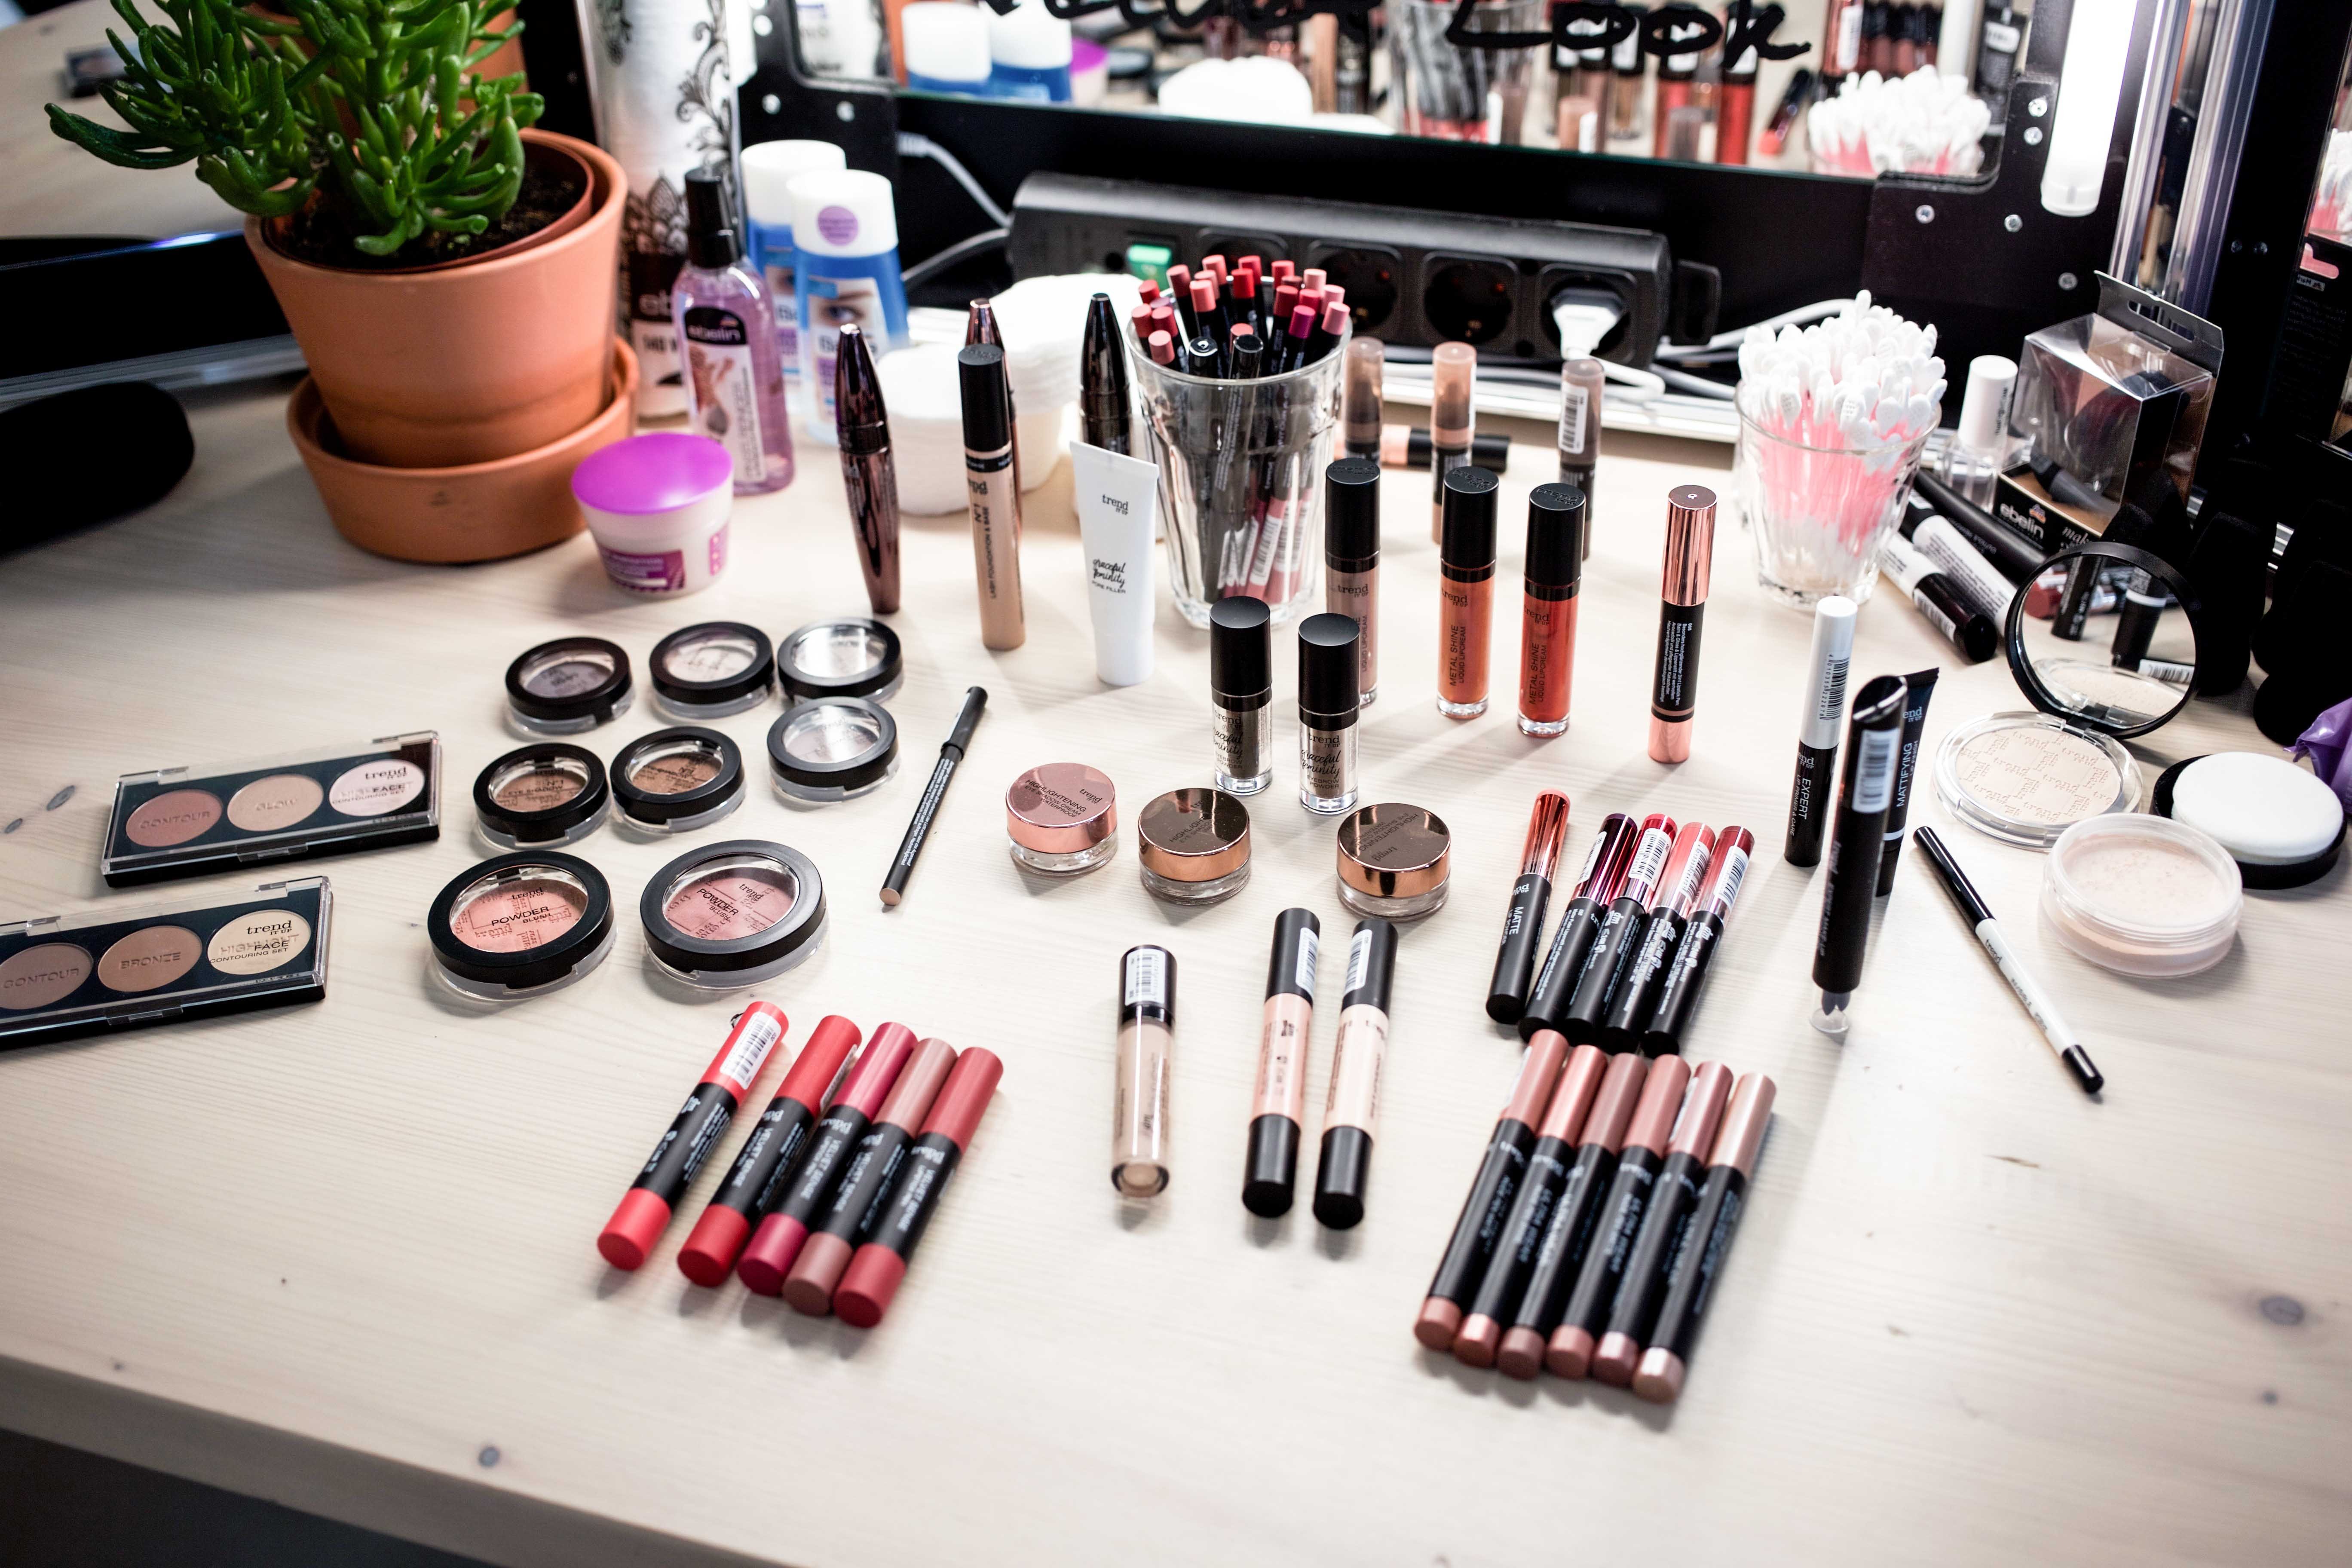 dm-trend-it-up-neuheiten-beauty-make-up-muc_9920